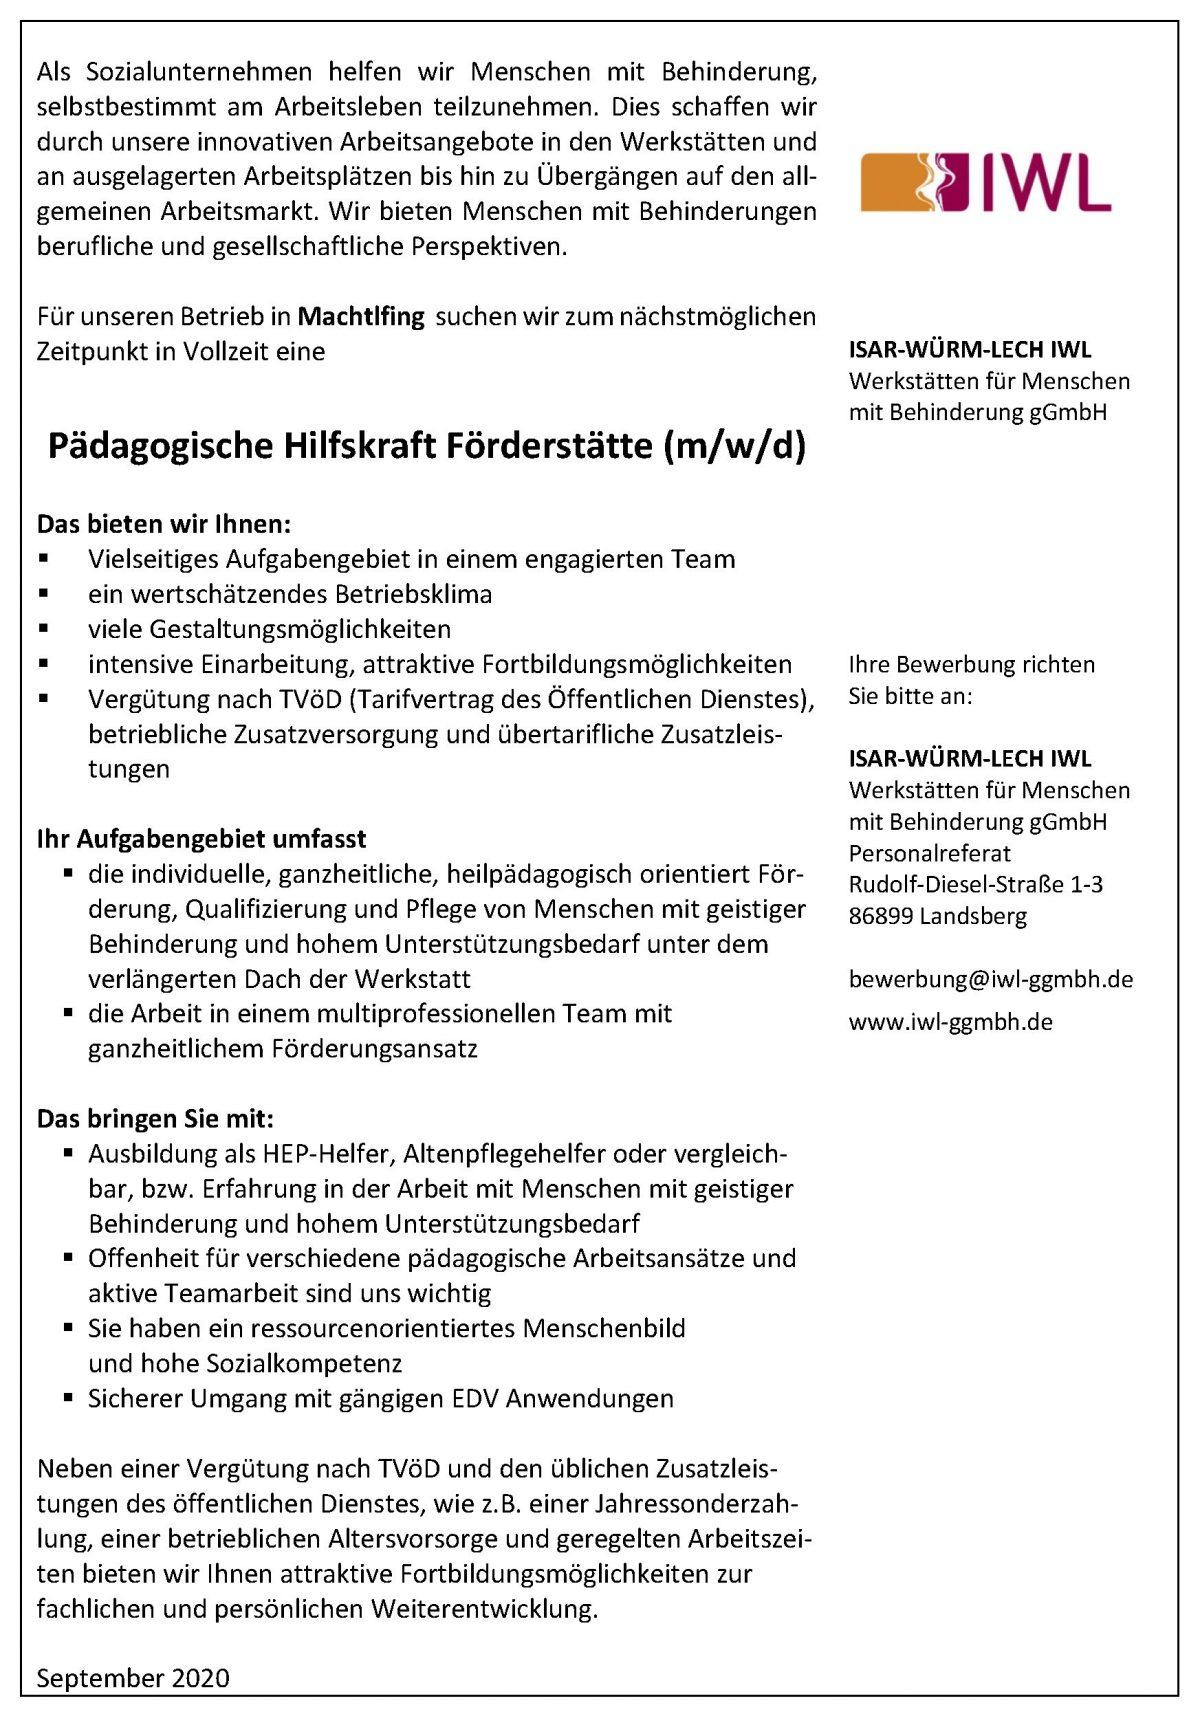 Stellenanzeige Pädagogische Hilfskraft Förderstätte Machtlfing Starnberg